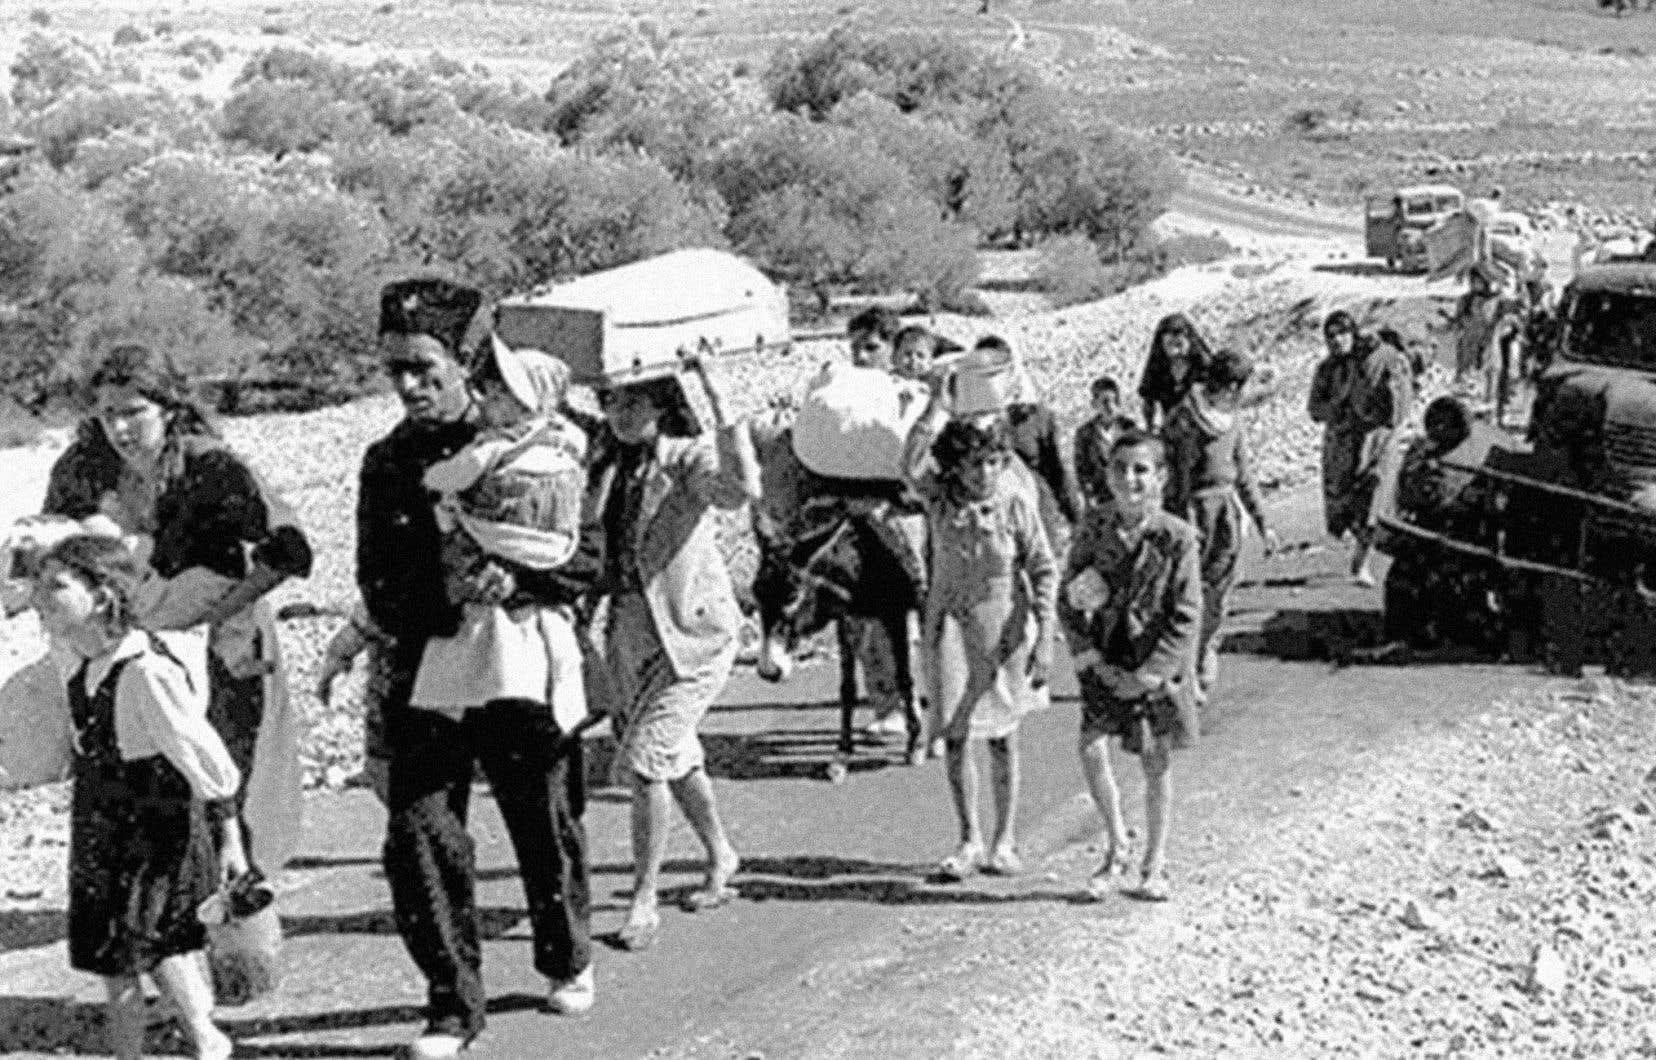 <p>À Gaza, le souvenir de la Nakhba est d'autant plus prégnant que 70% de la population est constituée de réfugiés, souligne l'auteur.</p>